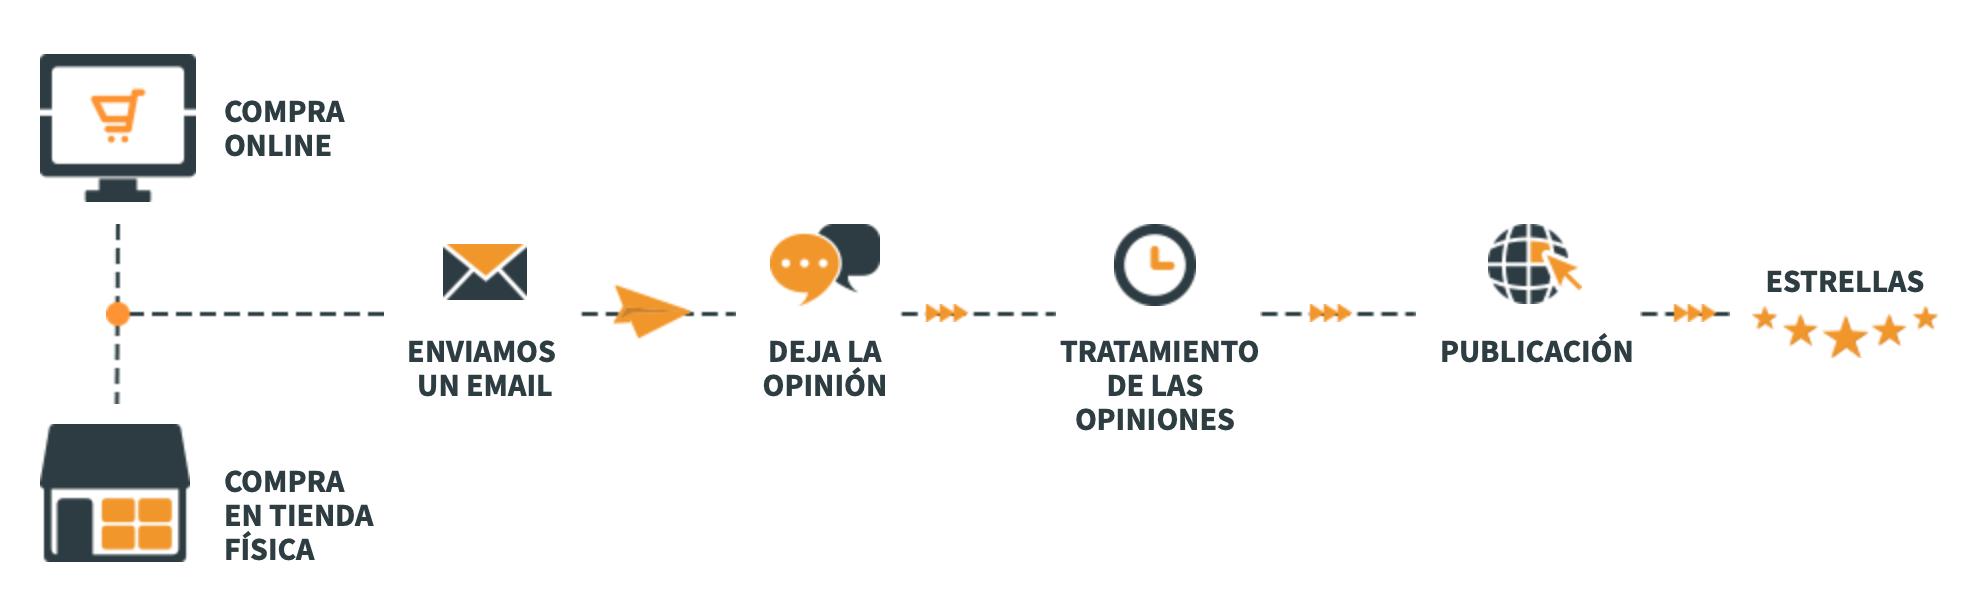 Que son los sistemas de opiniones - Tiendas online